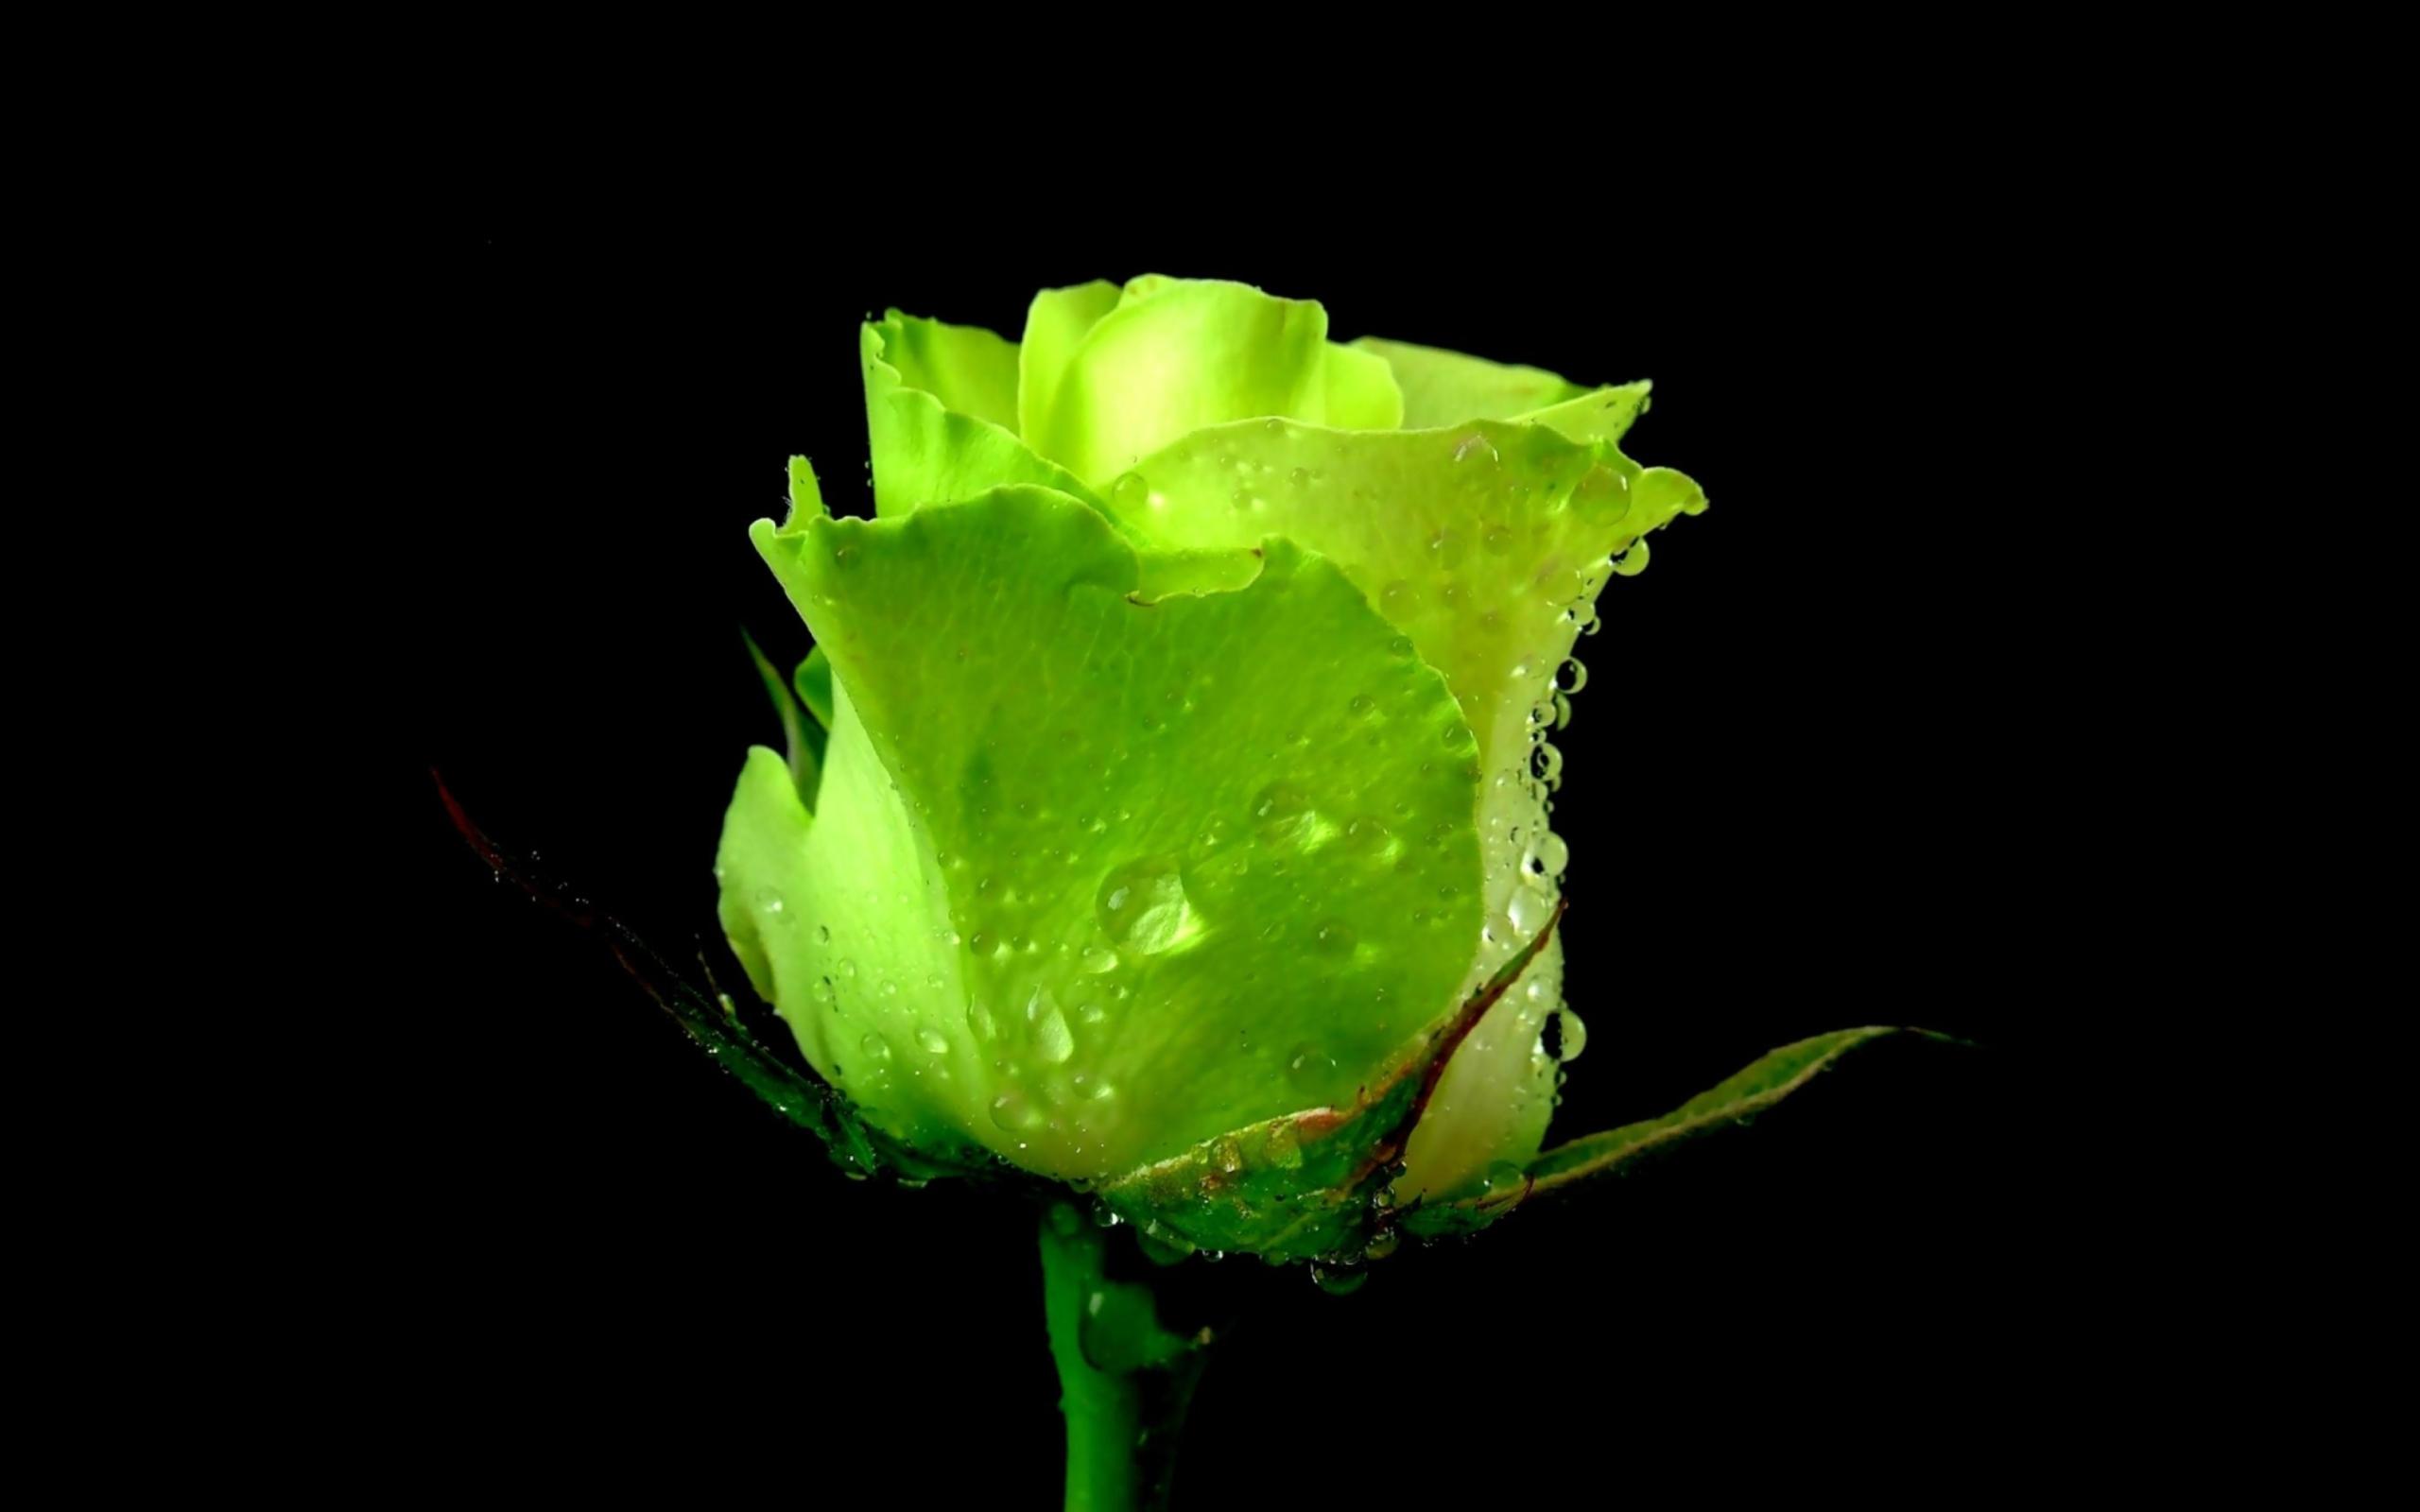 розы,капли,бутоны,зелень  № 759552 загрузить